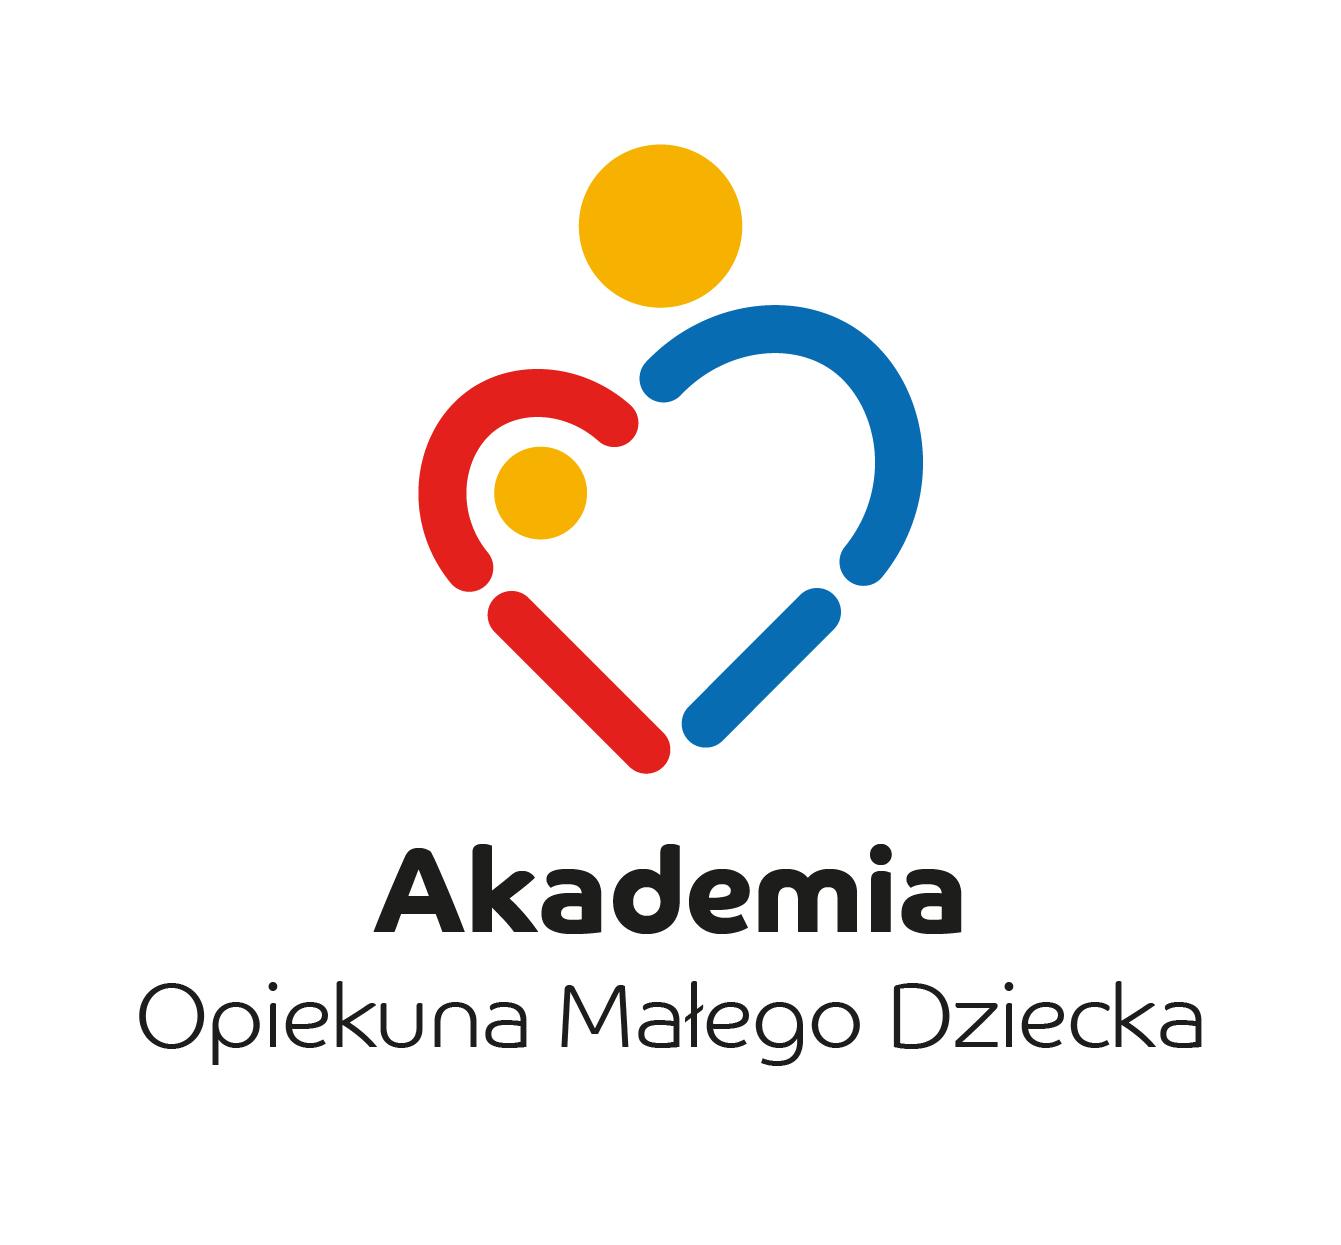 Logo - Akademia Opiekuna Małego Dziecka